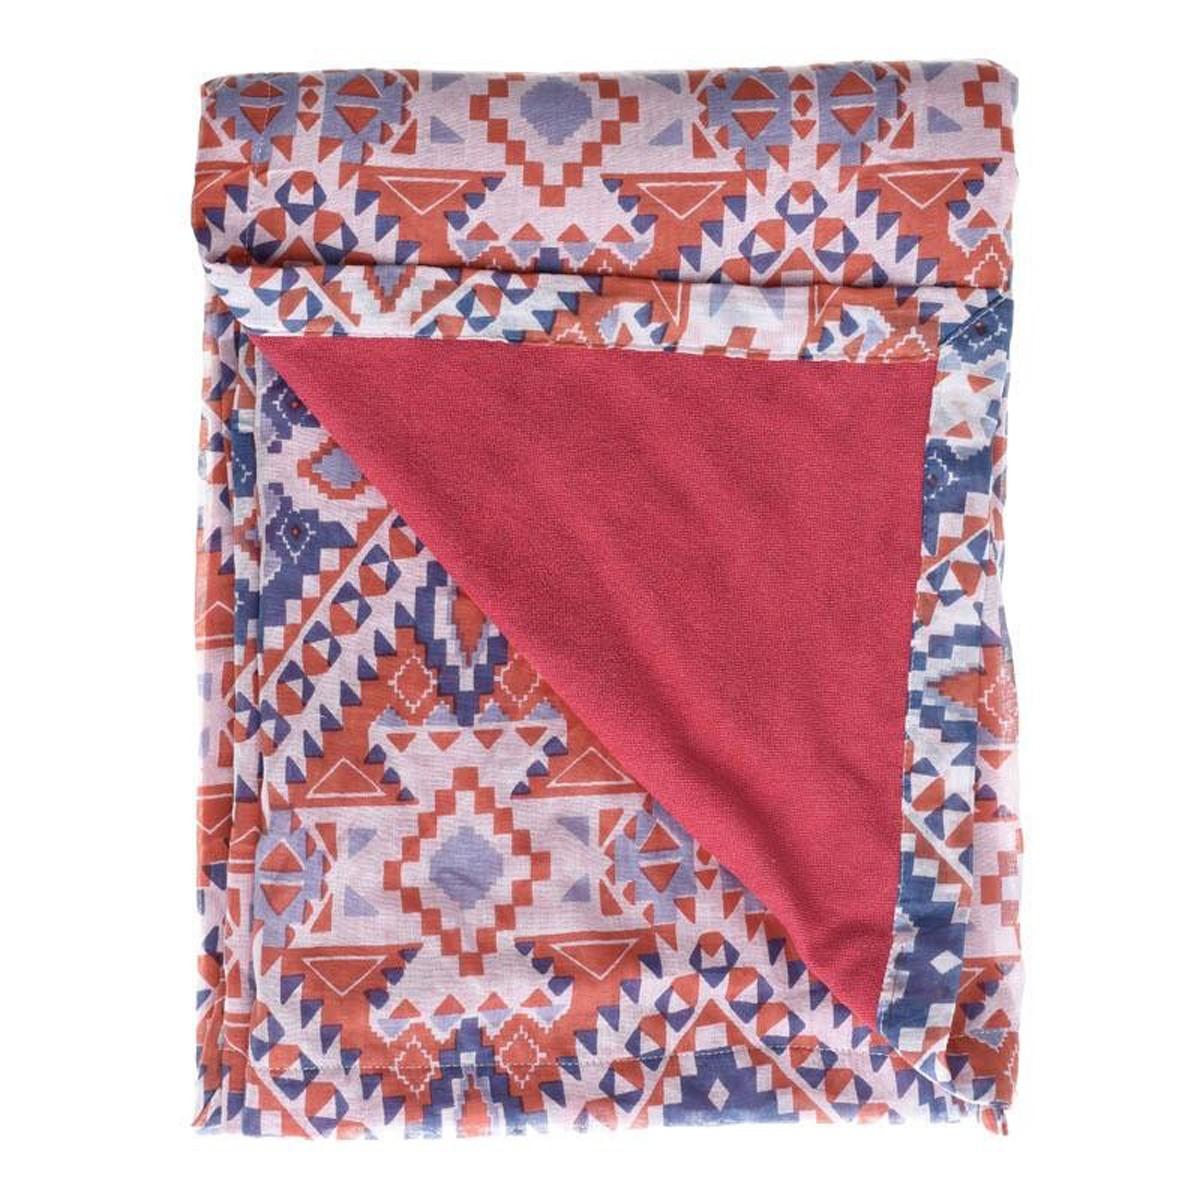 Πετσέτα Θαλάσσης - Παρεό InArt Ble 5-46-732-0006